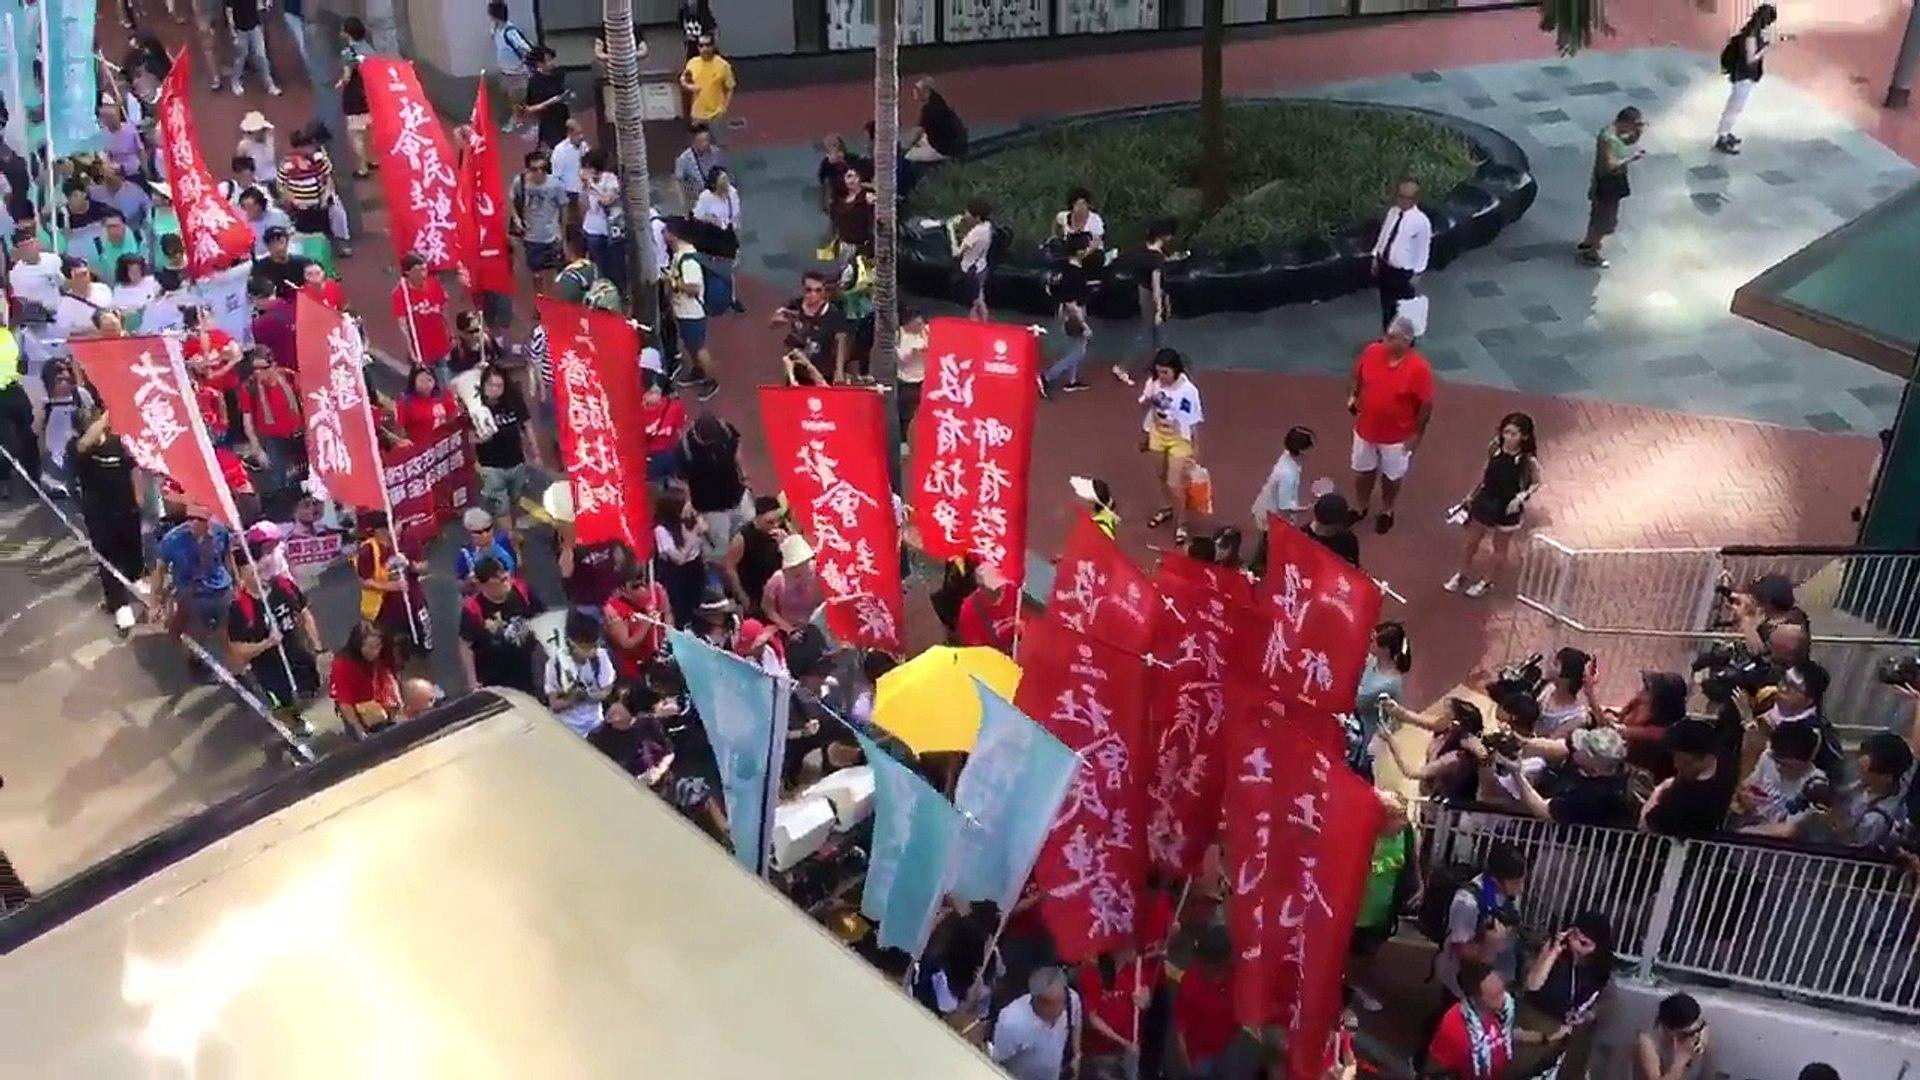 Wan Chai ( Loan Tử ), Hong Kong chiều 20/08/2017: Dòng người biểu tình trên đường trước khu vực Viện